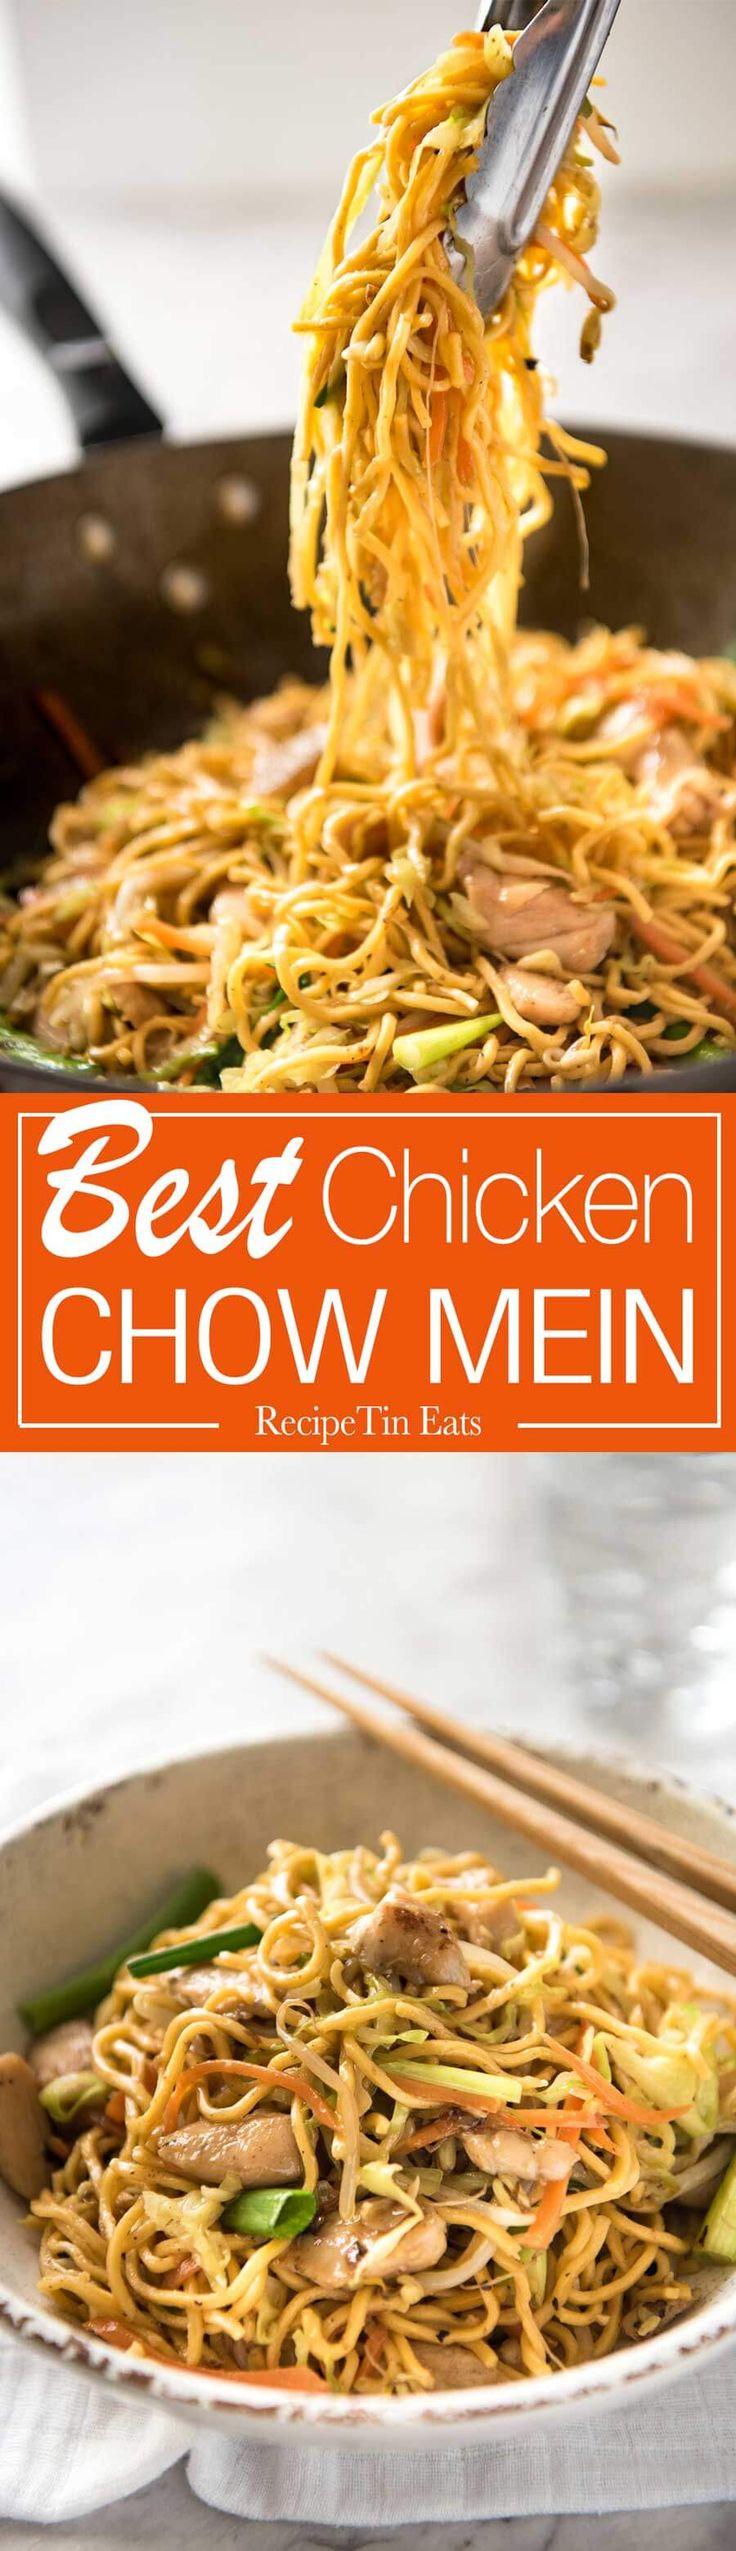 Proper Chicken Chow Mein